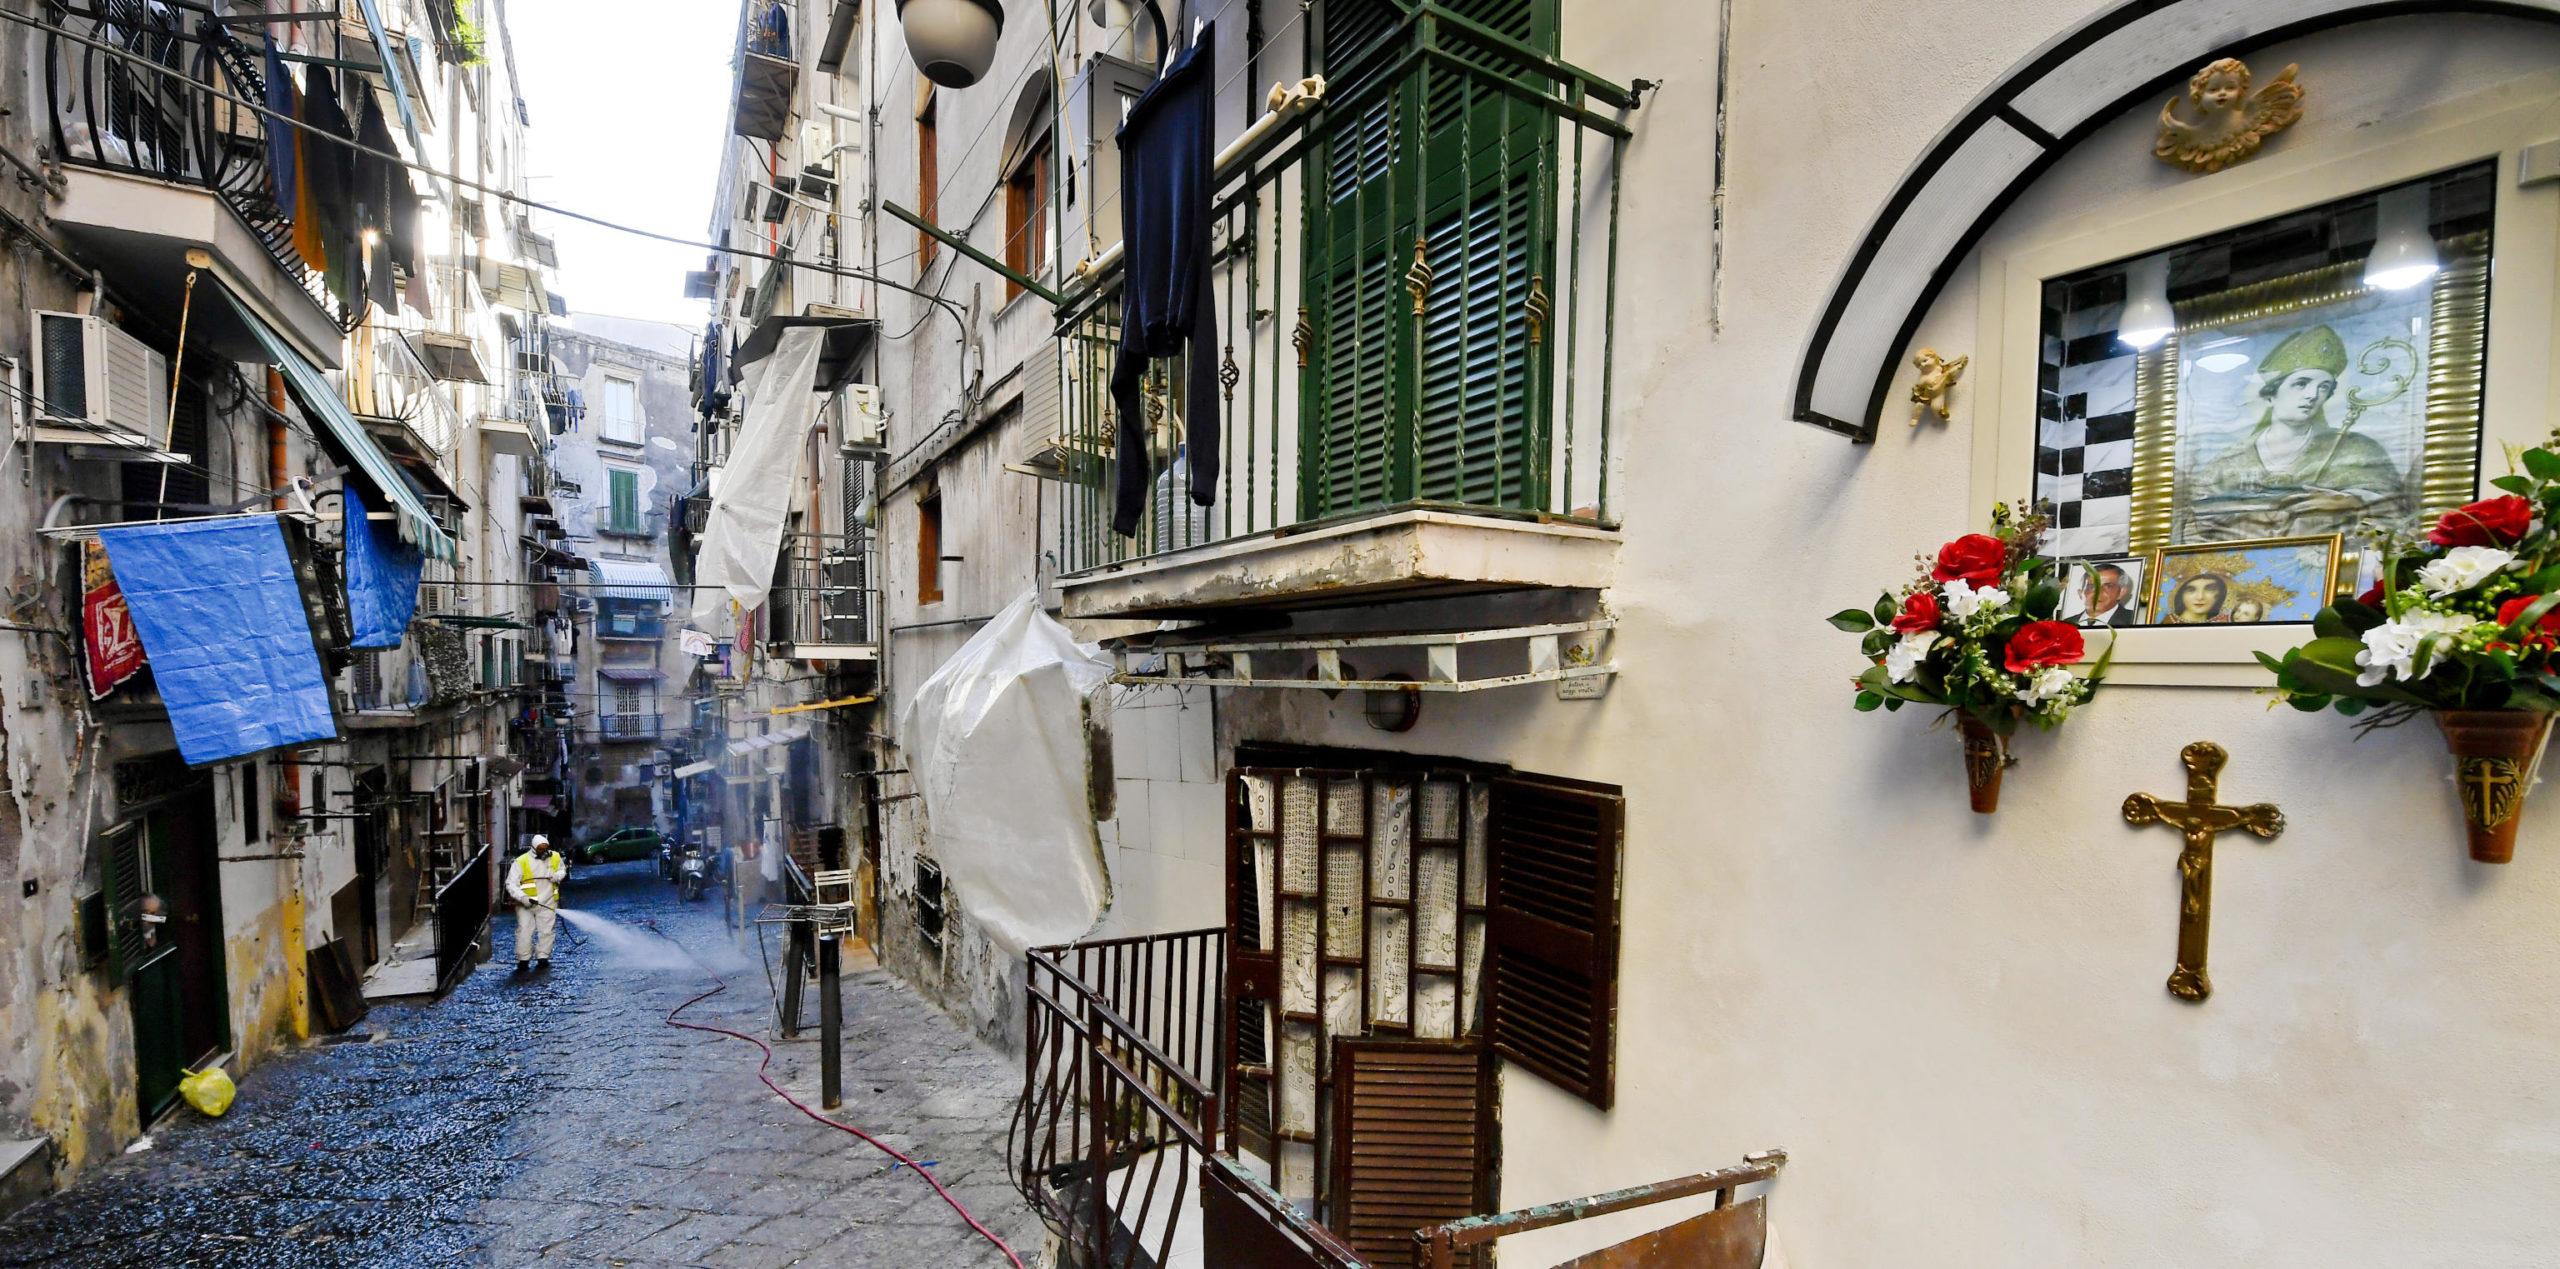 Con 460 casi accertati, la Campania è la regione del sud con il più alto numero di persone positive al Covid-19